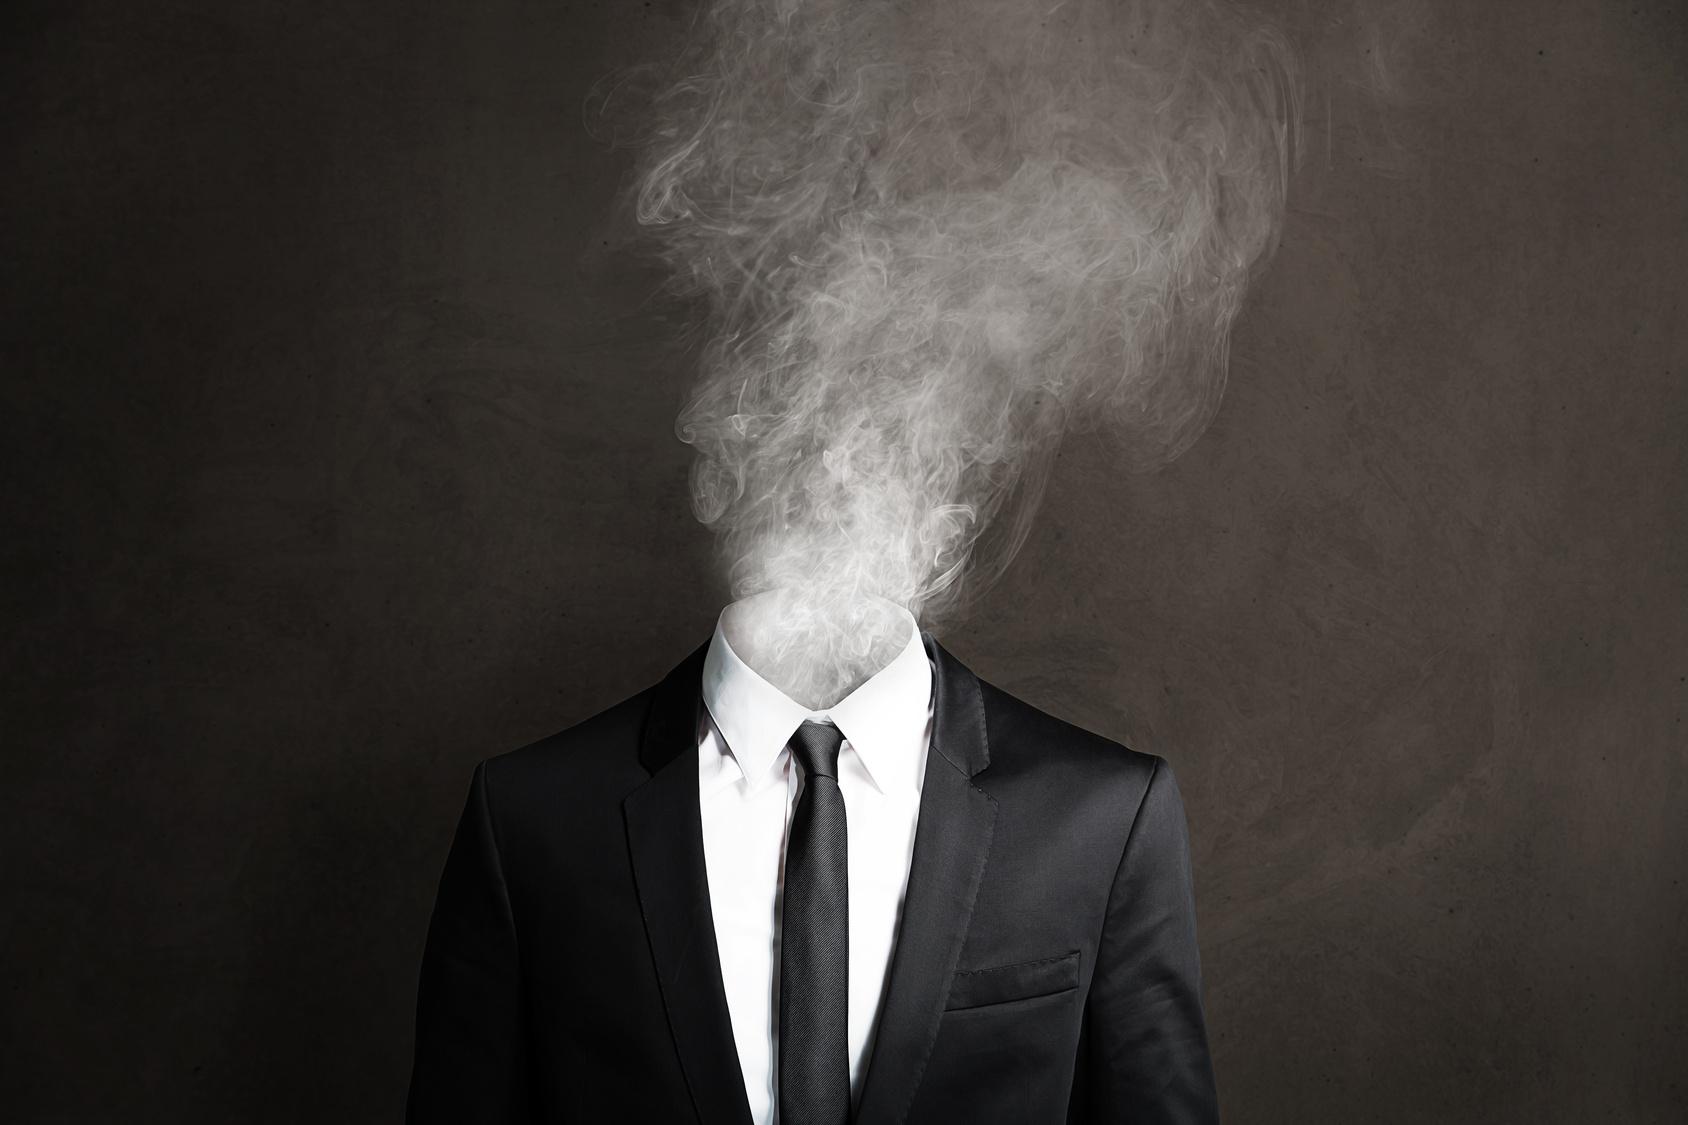 Как сделать портретное фото на фоне дыма